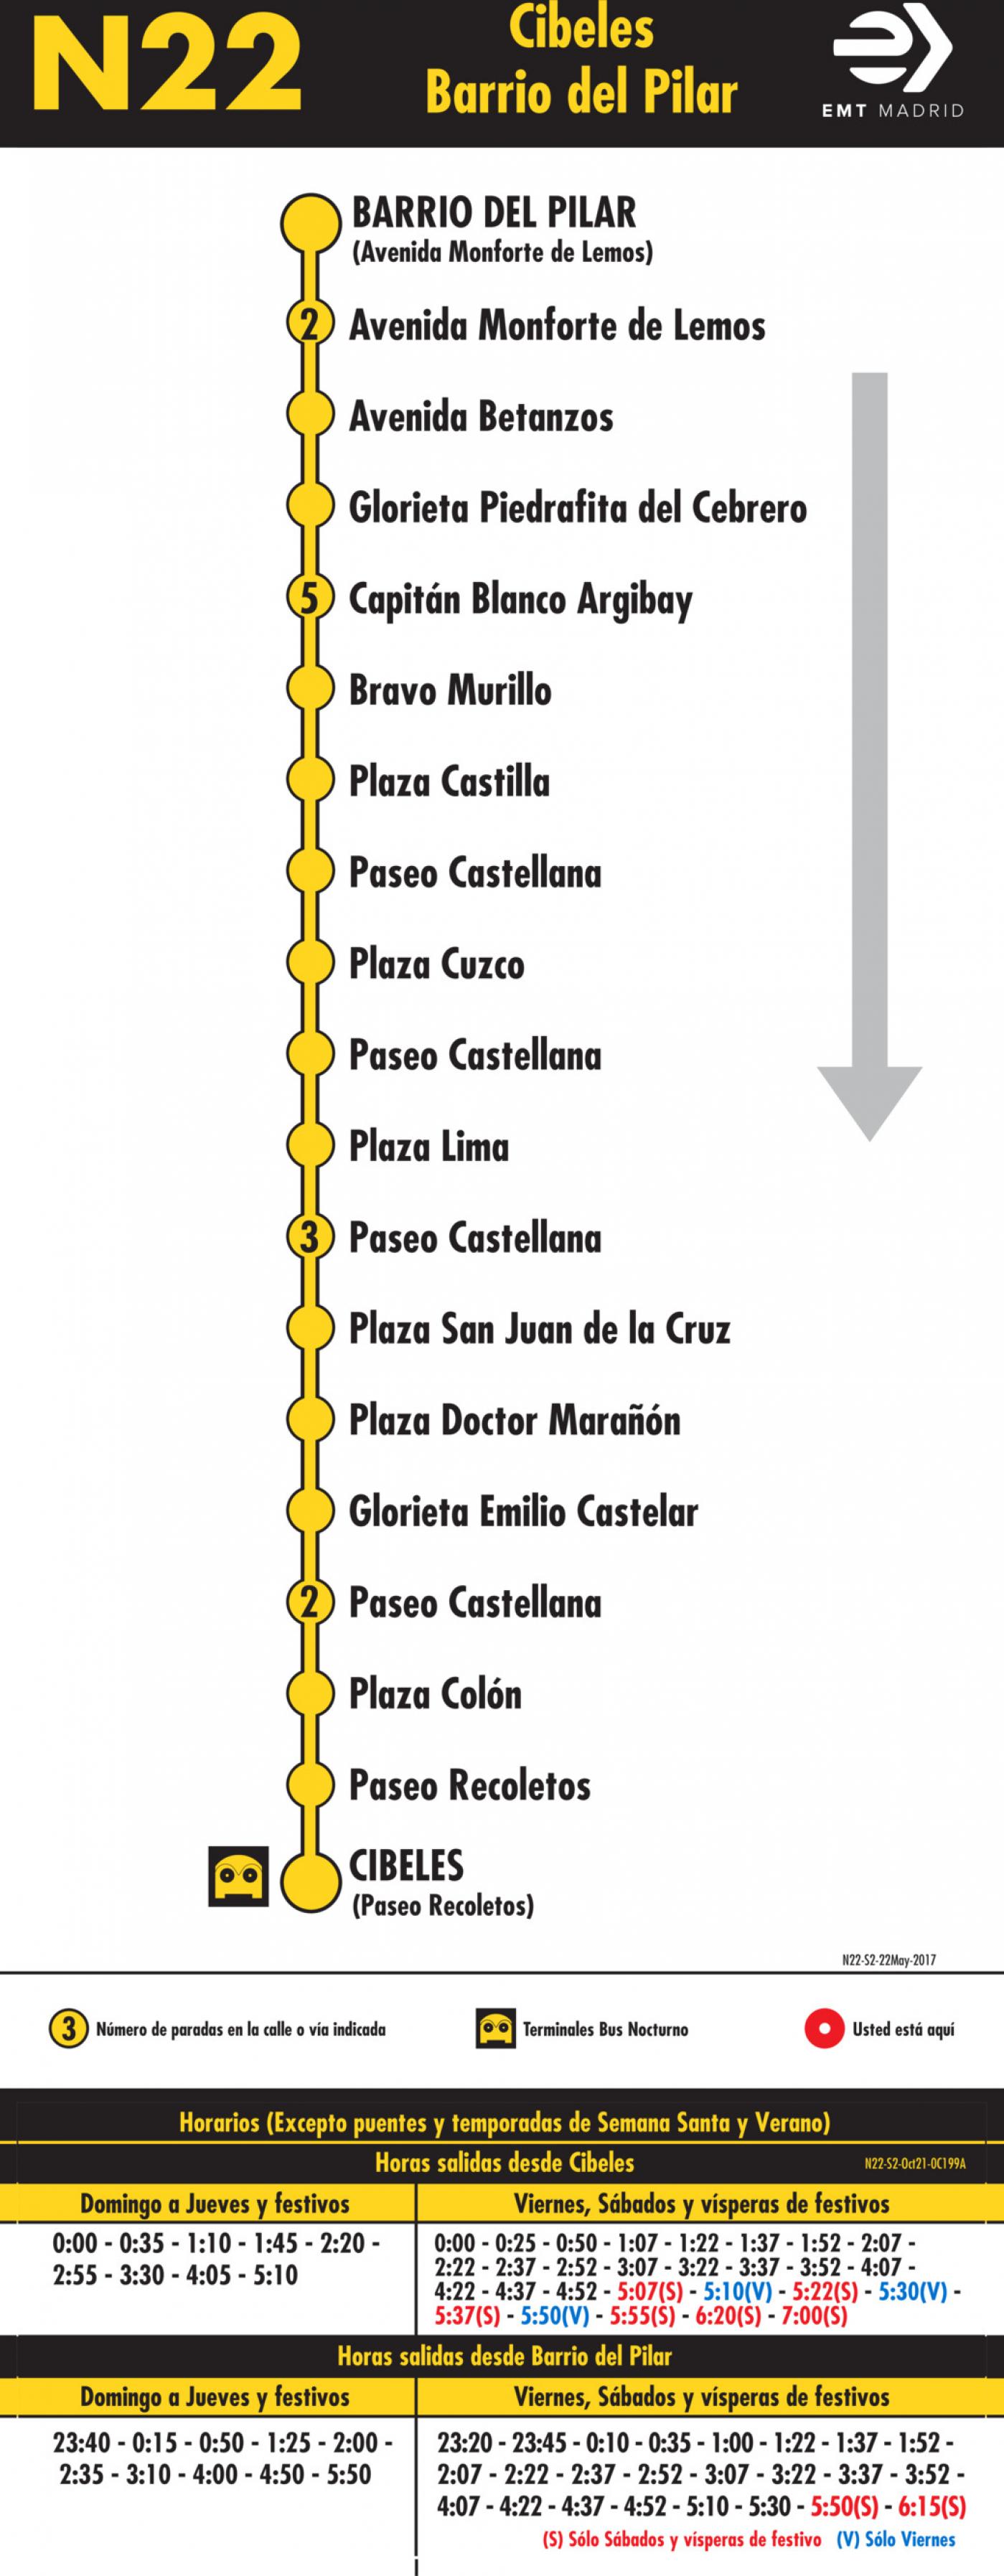 Tabla de horarios y frecuencias de paso en sentido vuelta Línea N22: Plaza de Cibeles - Barrio del Pilar (búho)